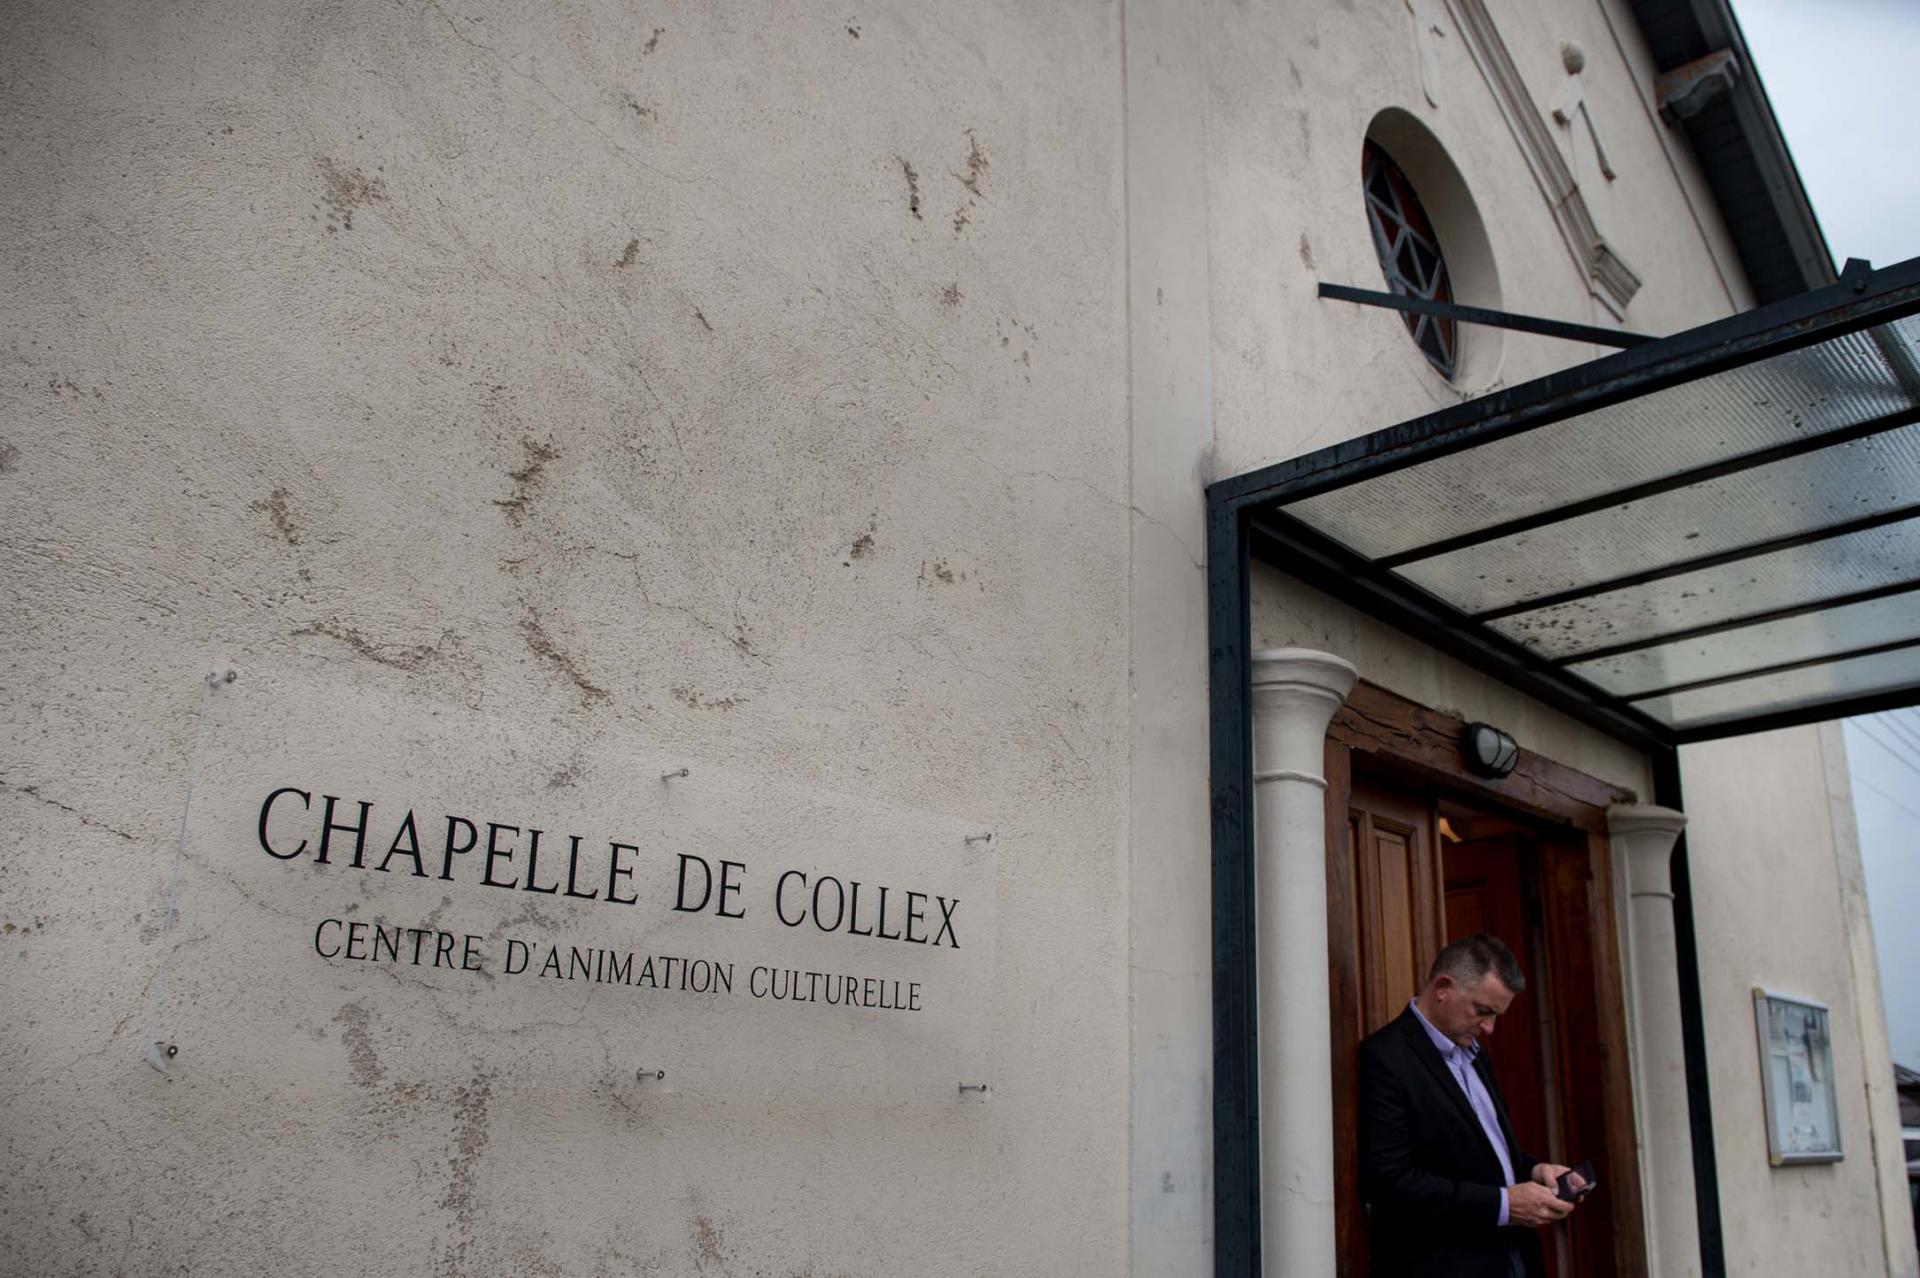 Chapelle de Collex, centre d'animation culturelle